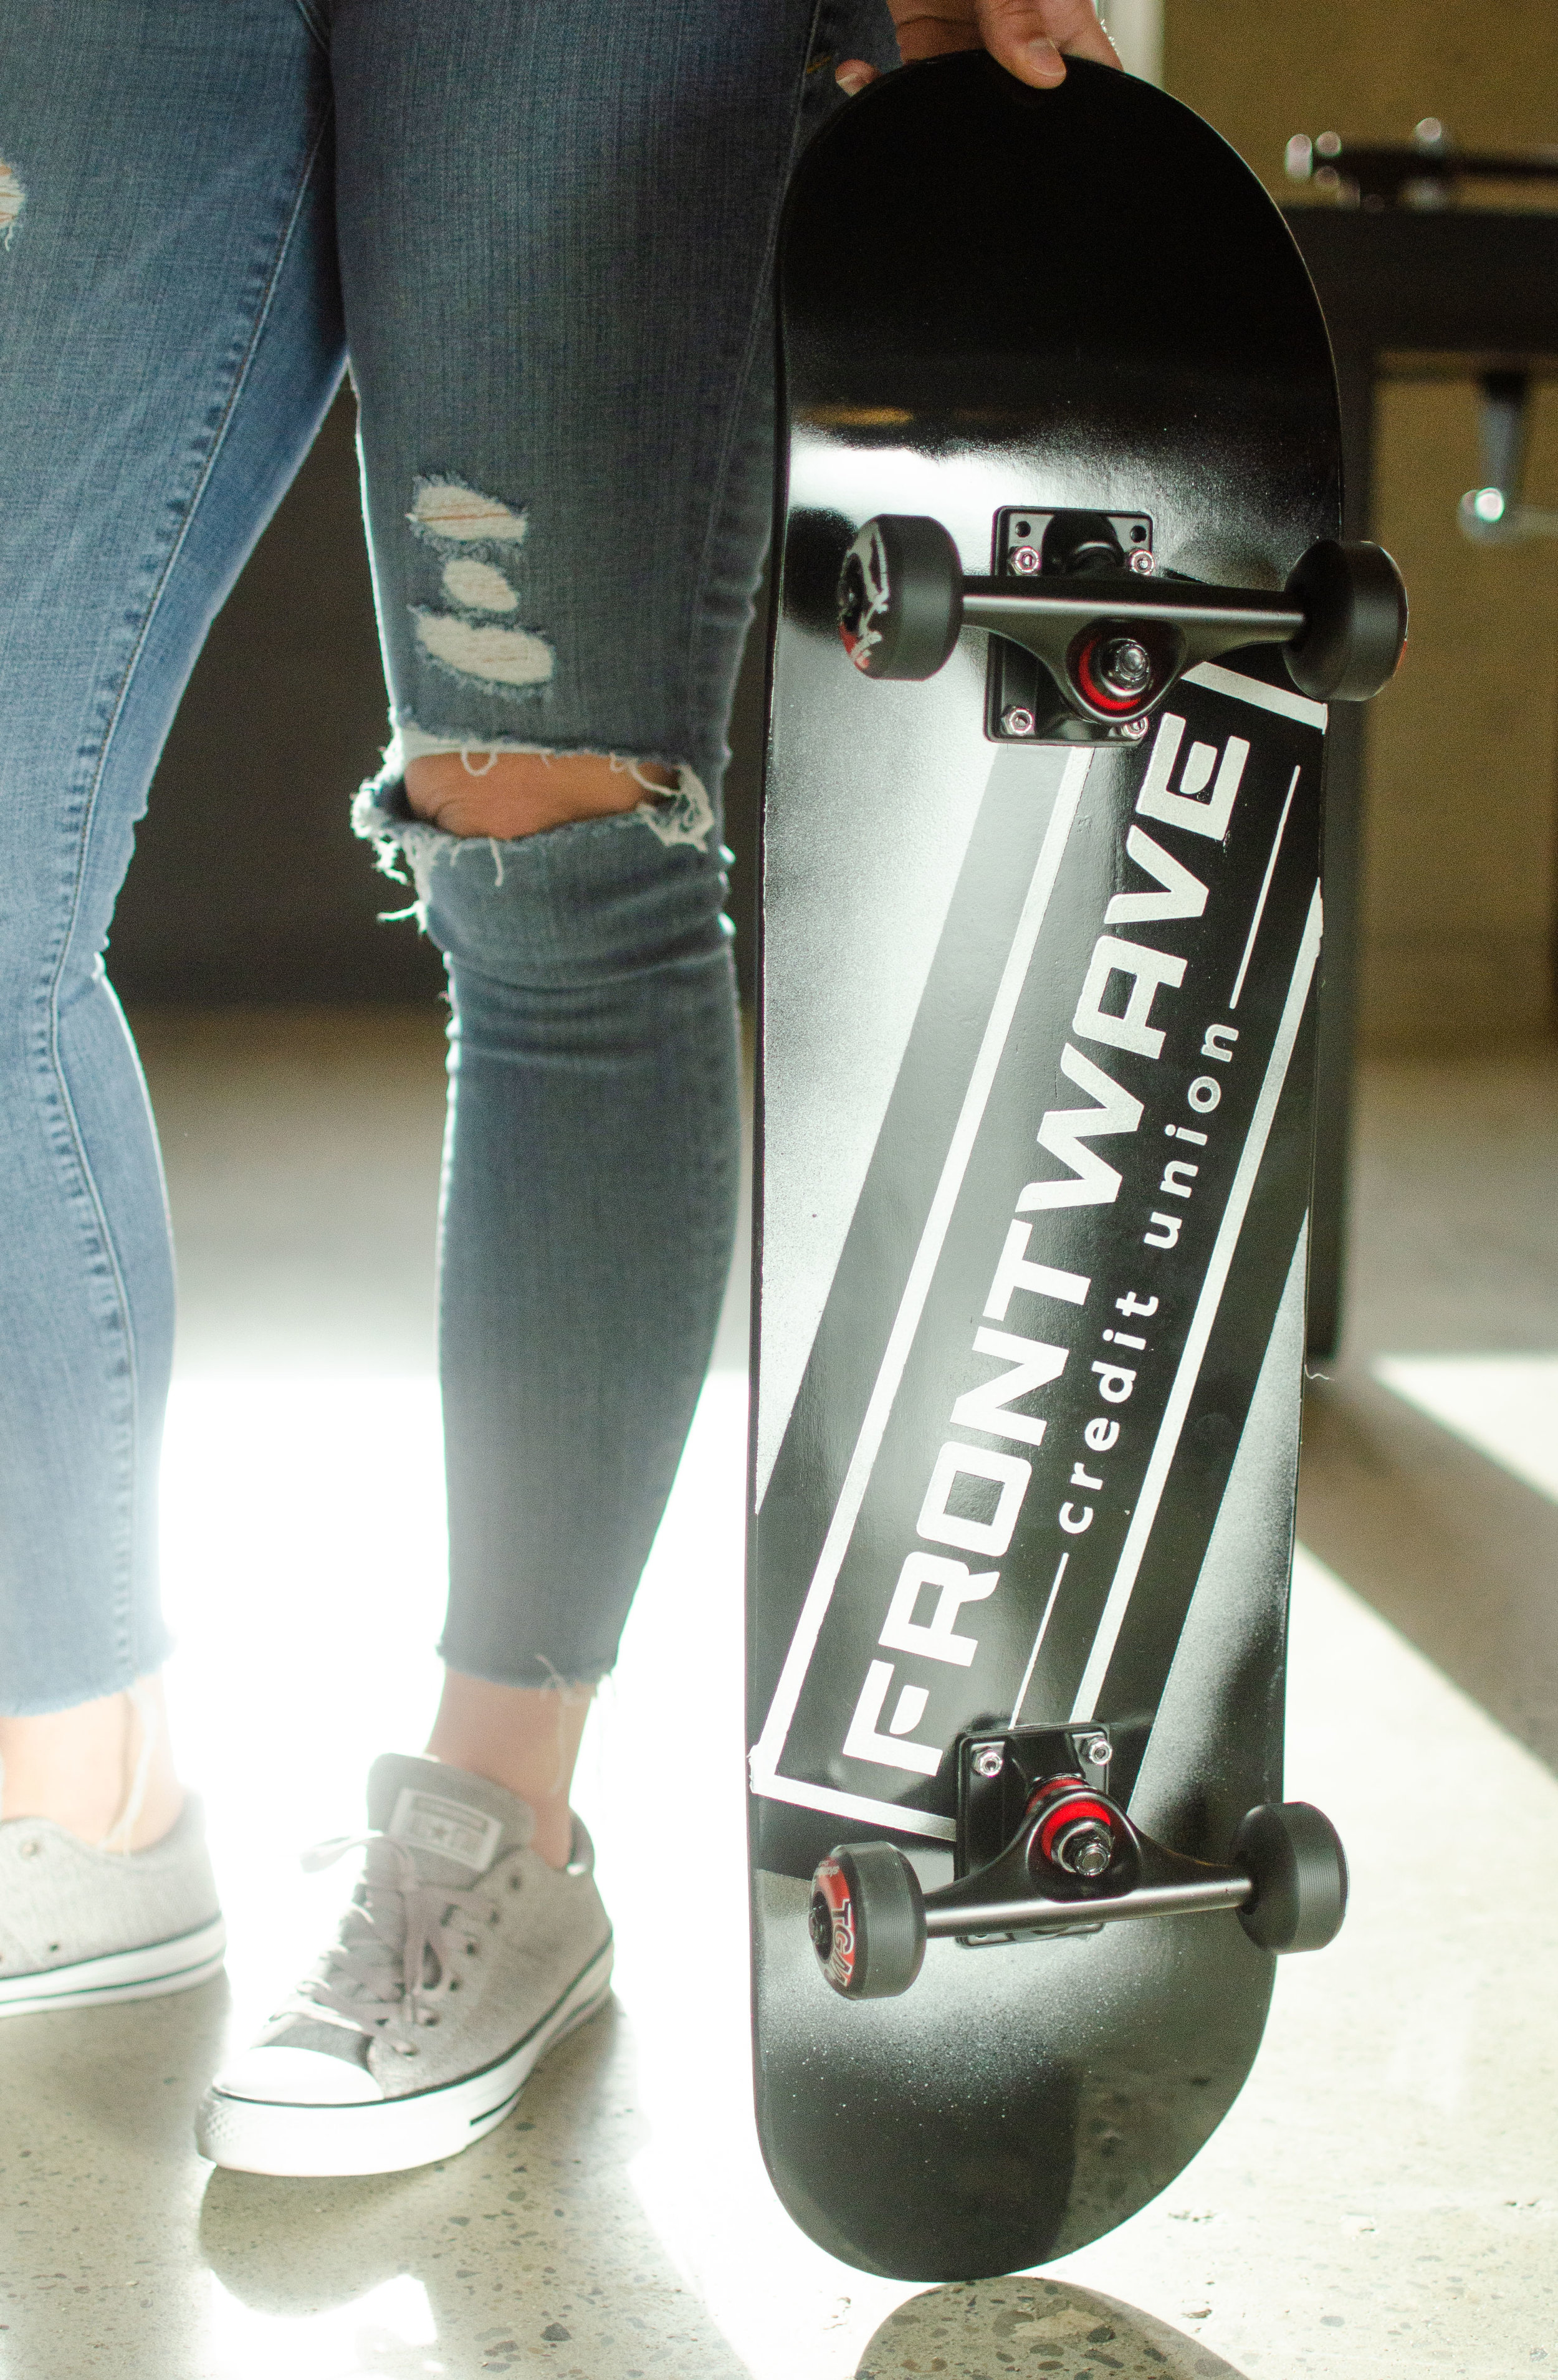 Frontwave-Black-Skateboard_WMG0122.jpg